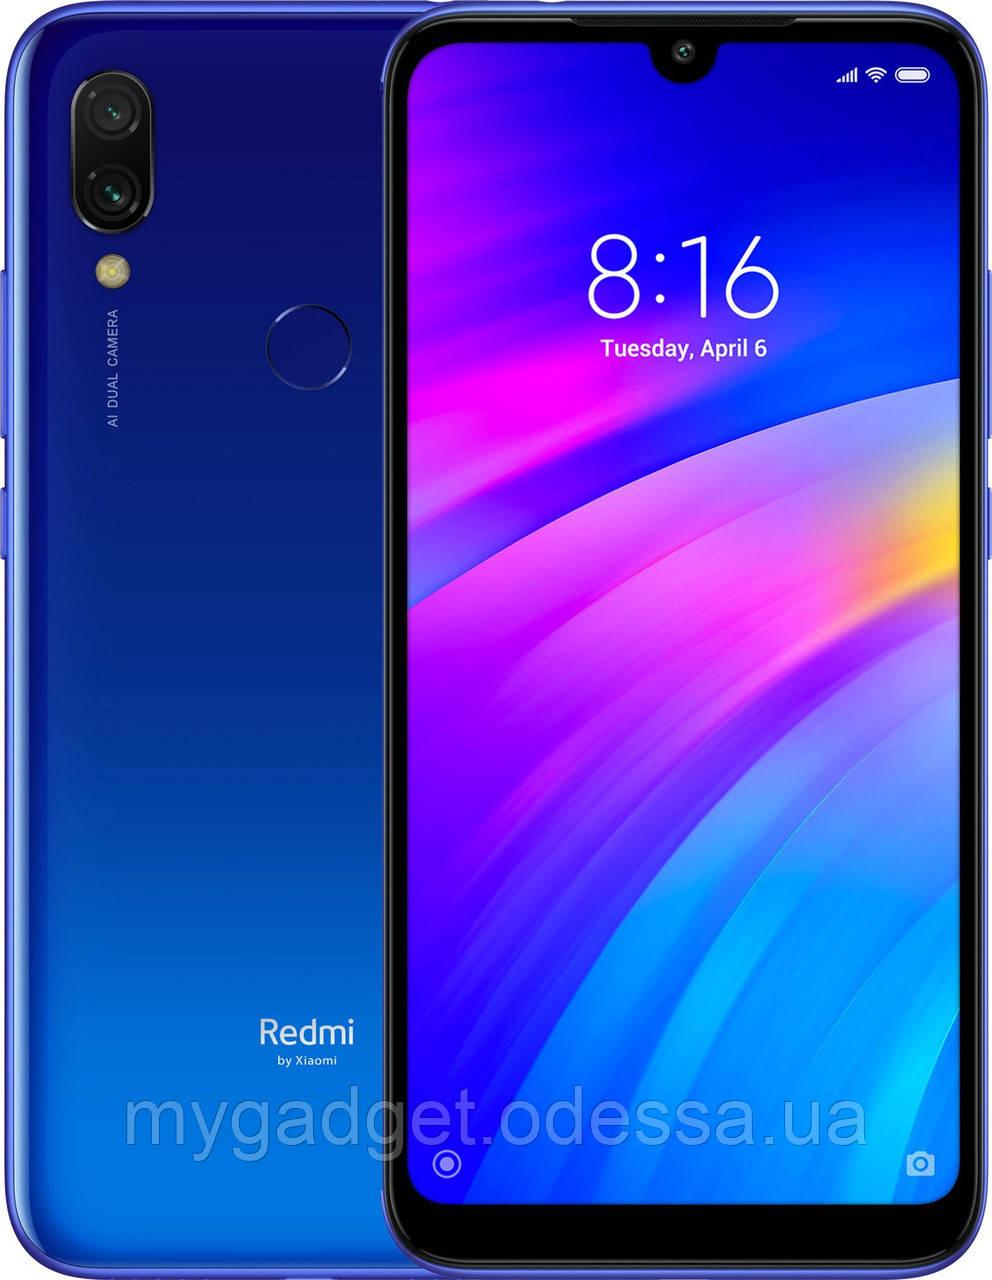 Мобильный телефон Xiaomi Redmi 7 3/64GB Comet Blue (Международная версия)